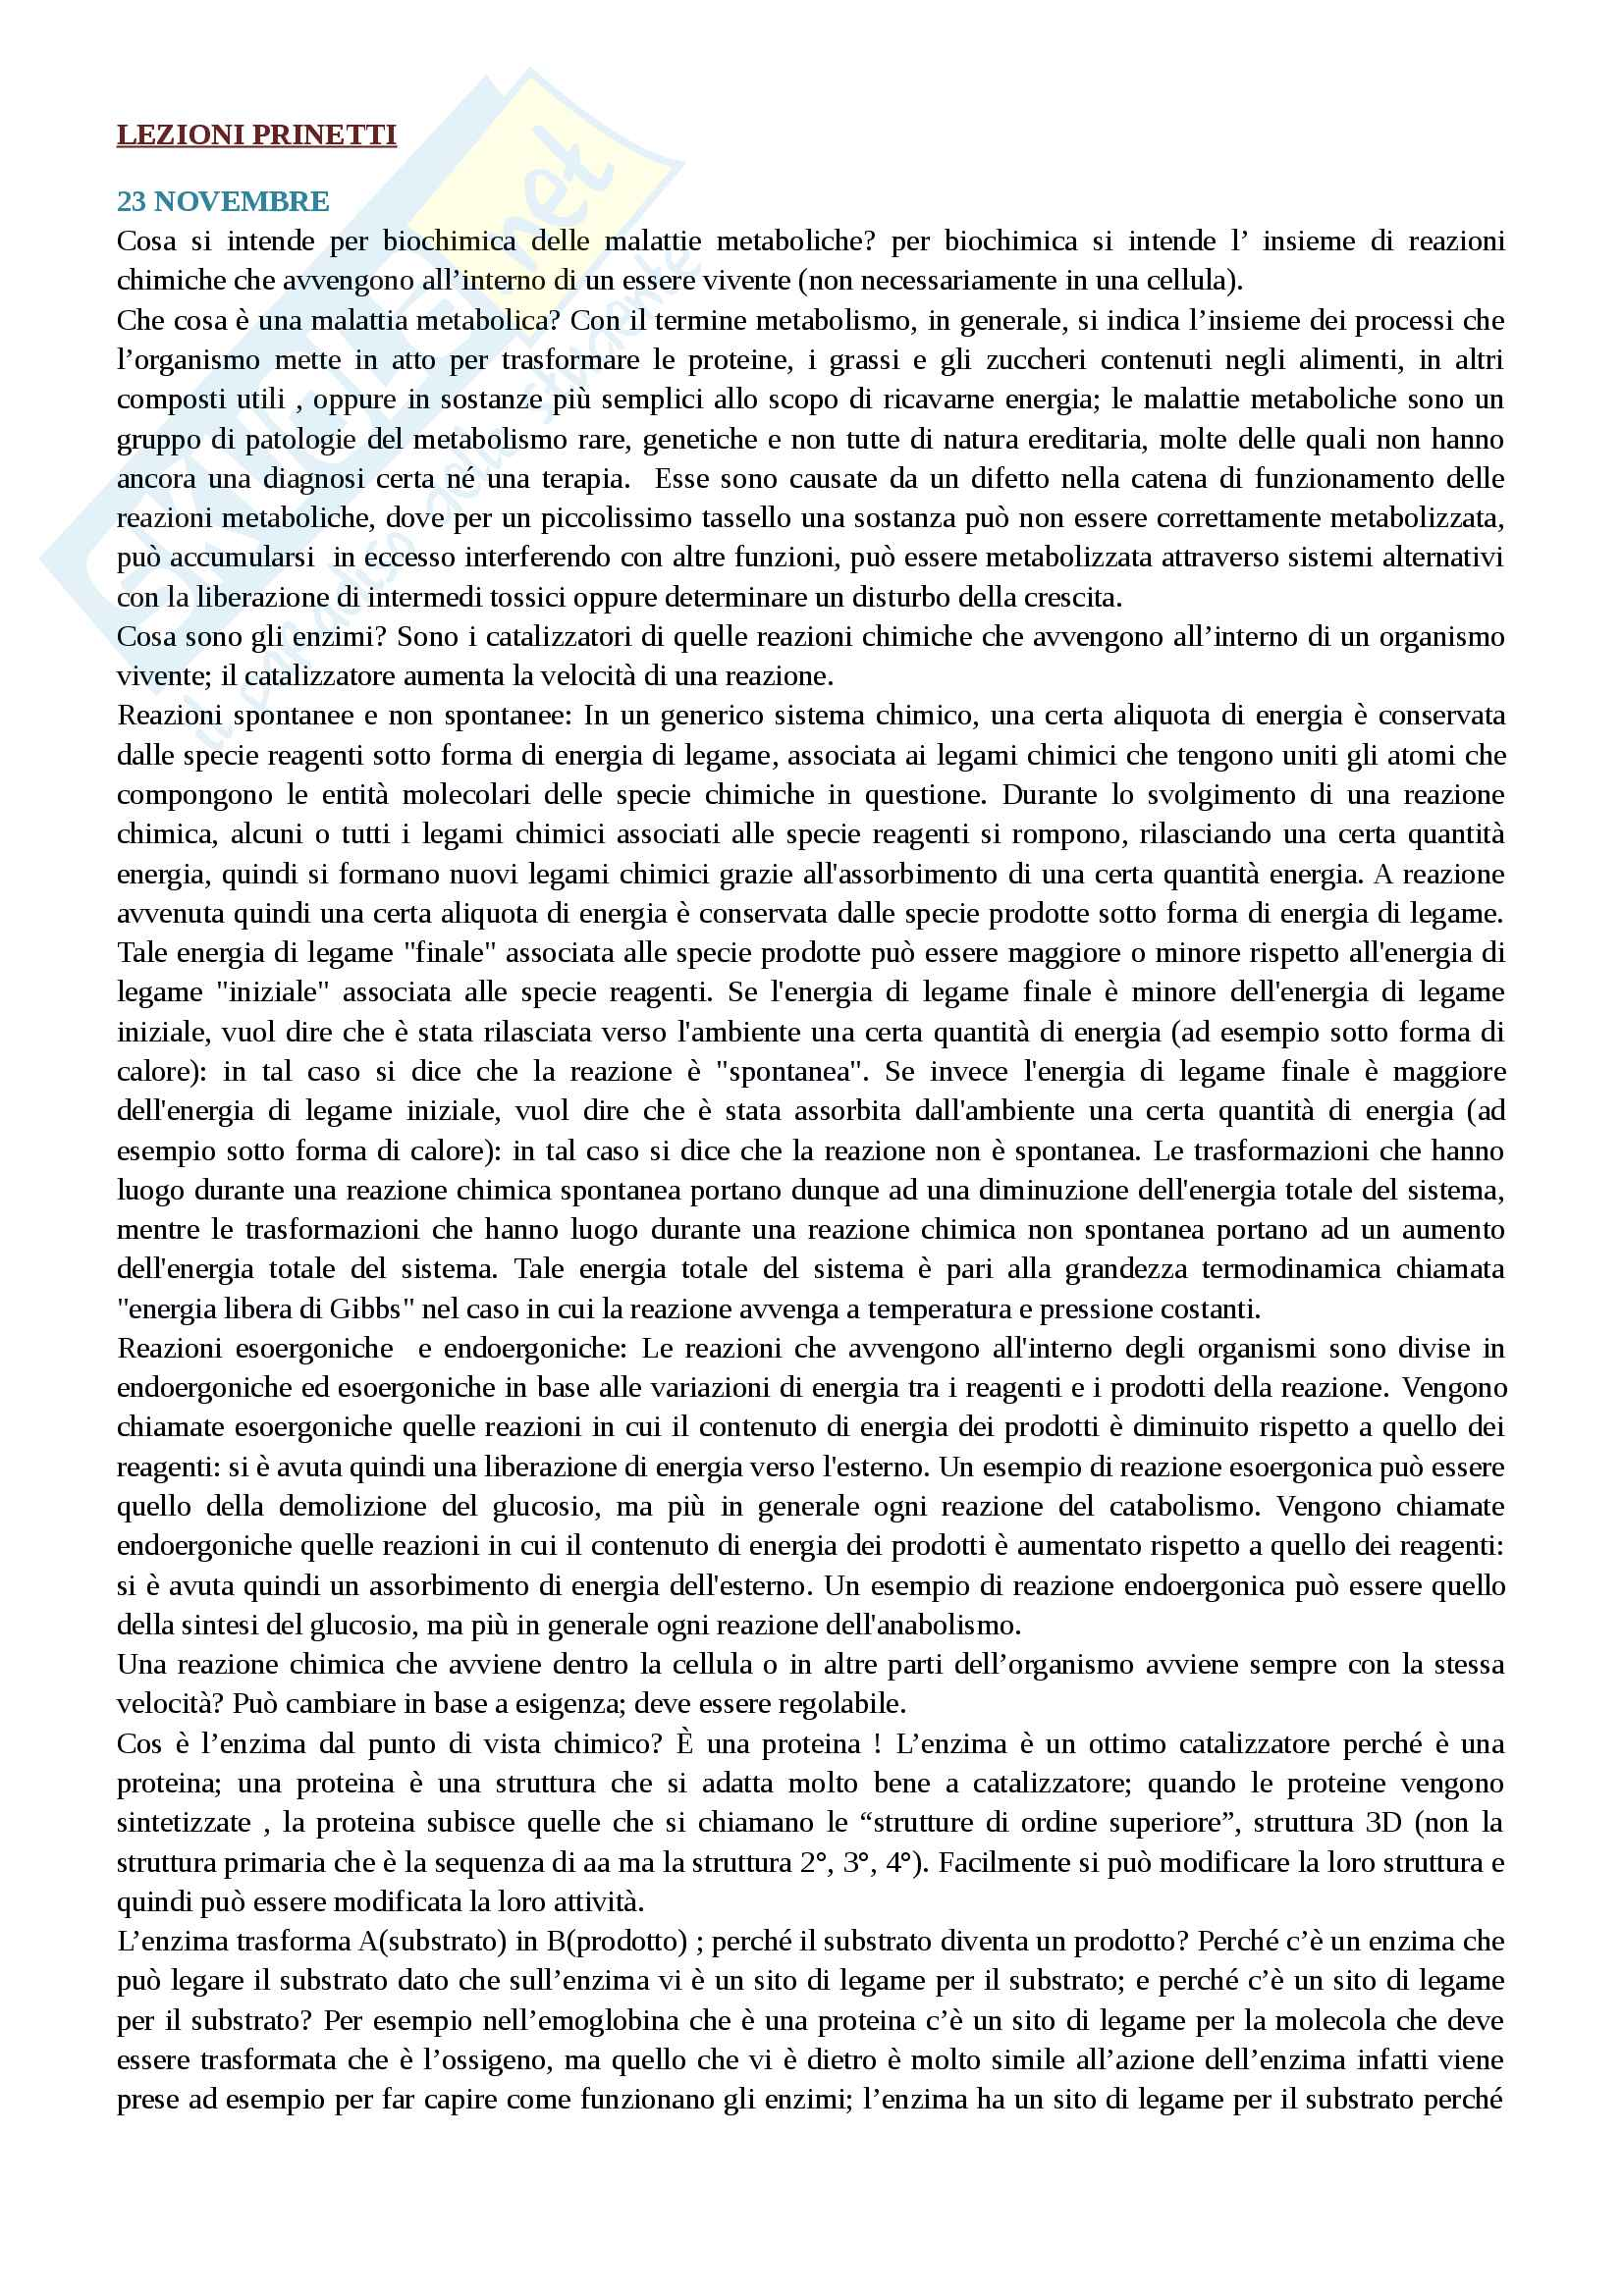 Biochimica degli alimenti, della nutrizione e delle malattie metaboliche mod.2 prinetti